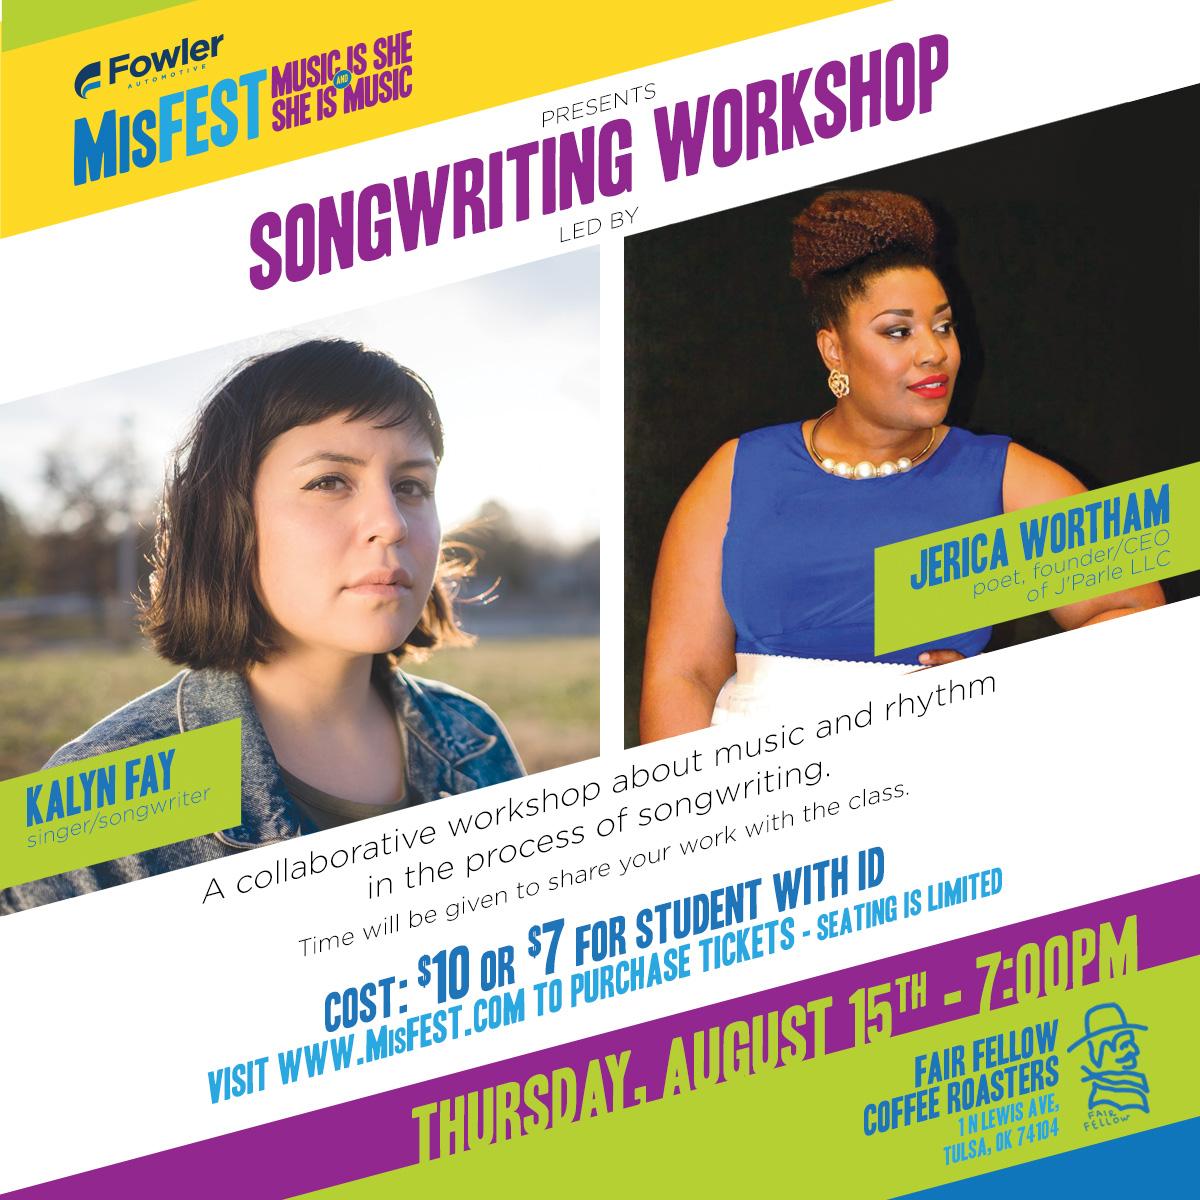 Songwriting Workshop - MisFEST 2019